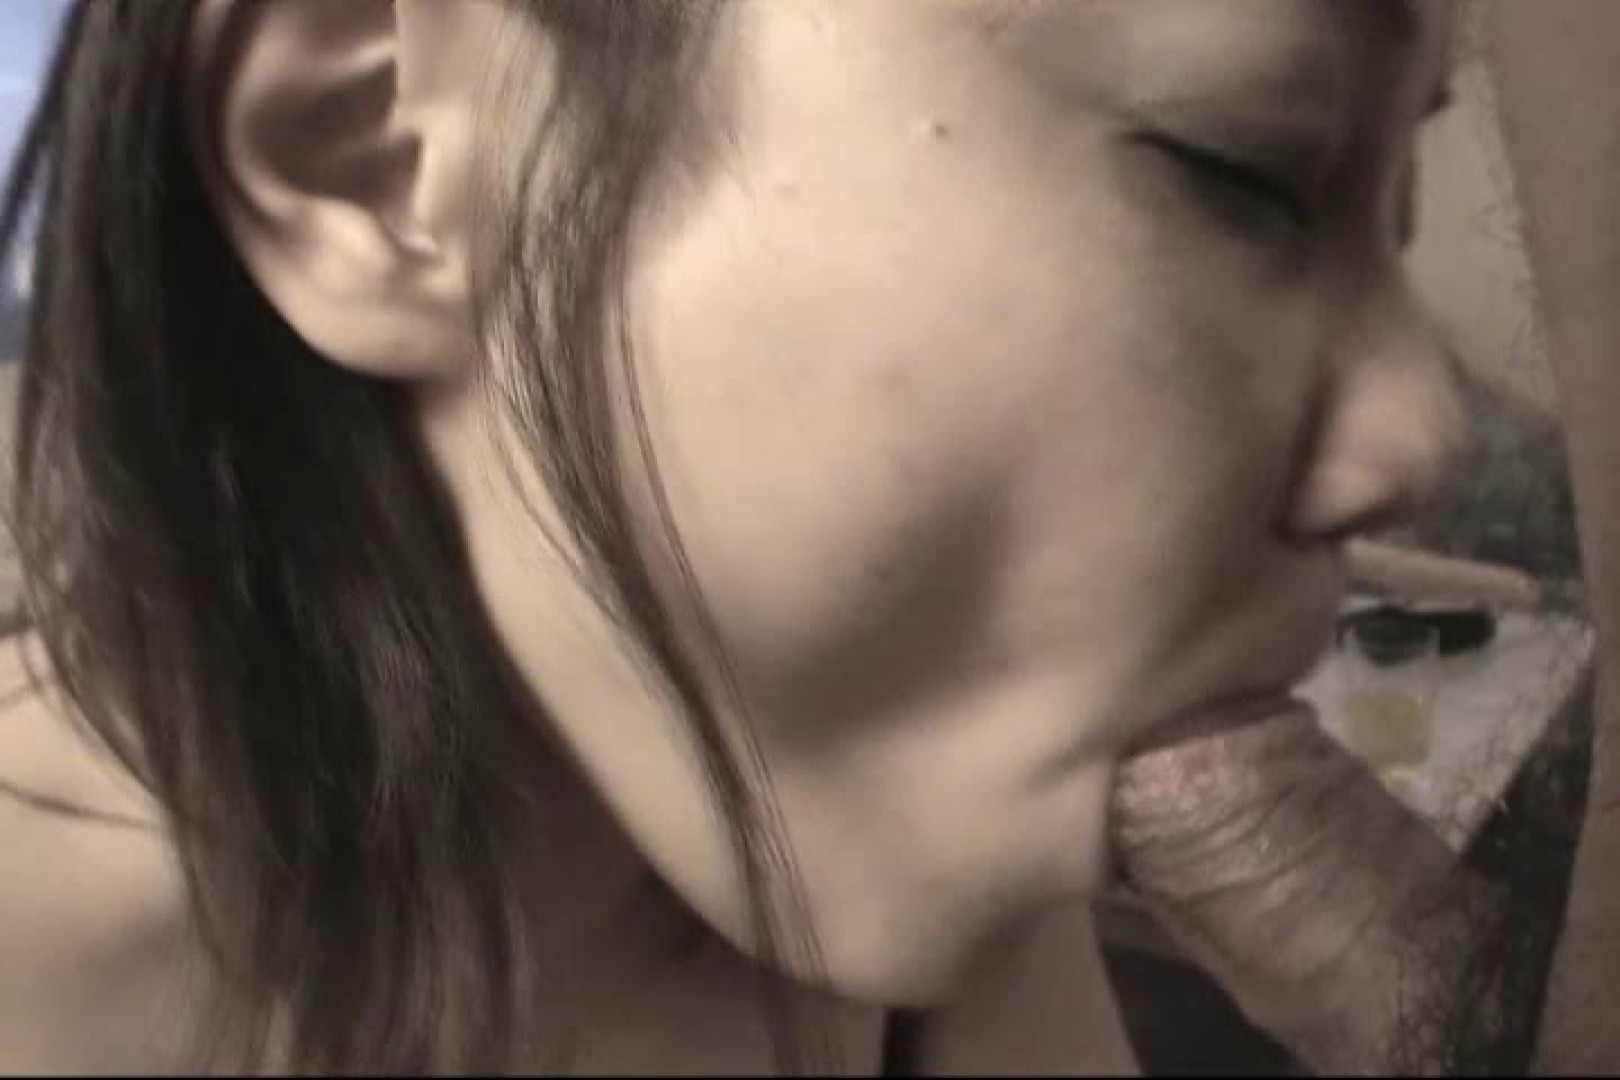 エロフェロモン全開の彼女に中出しSEX~青山ちか~ 中出し 性交動画流出 113pic 81